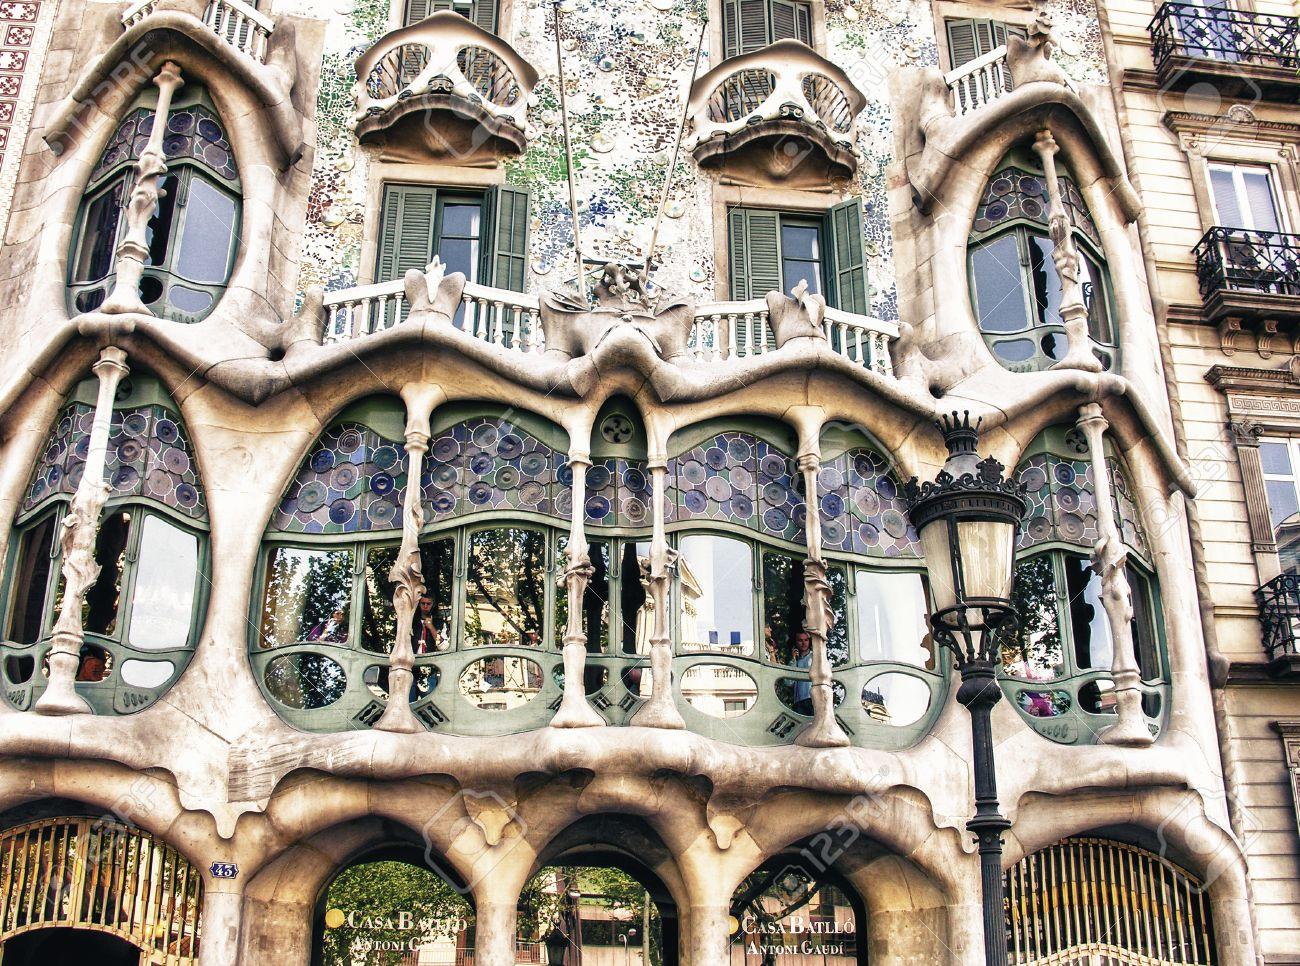 barcelona spain may 24 casa batllo facade the famous building